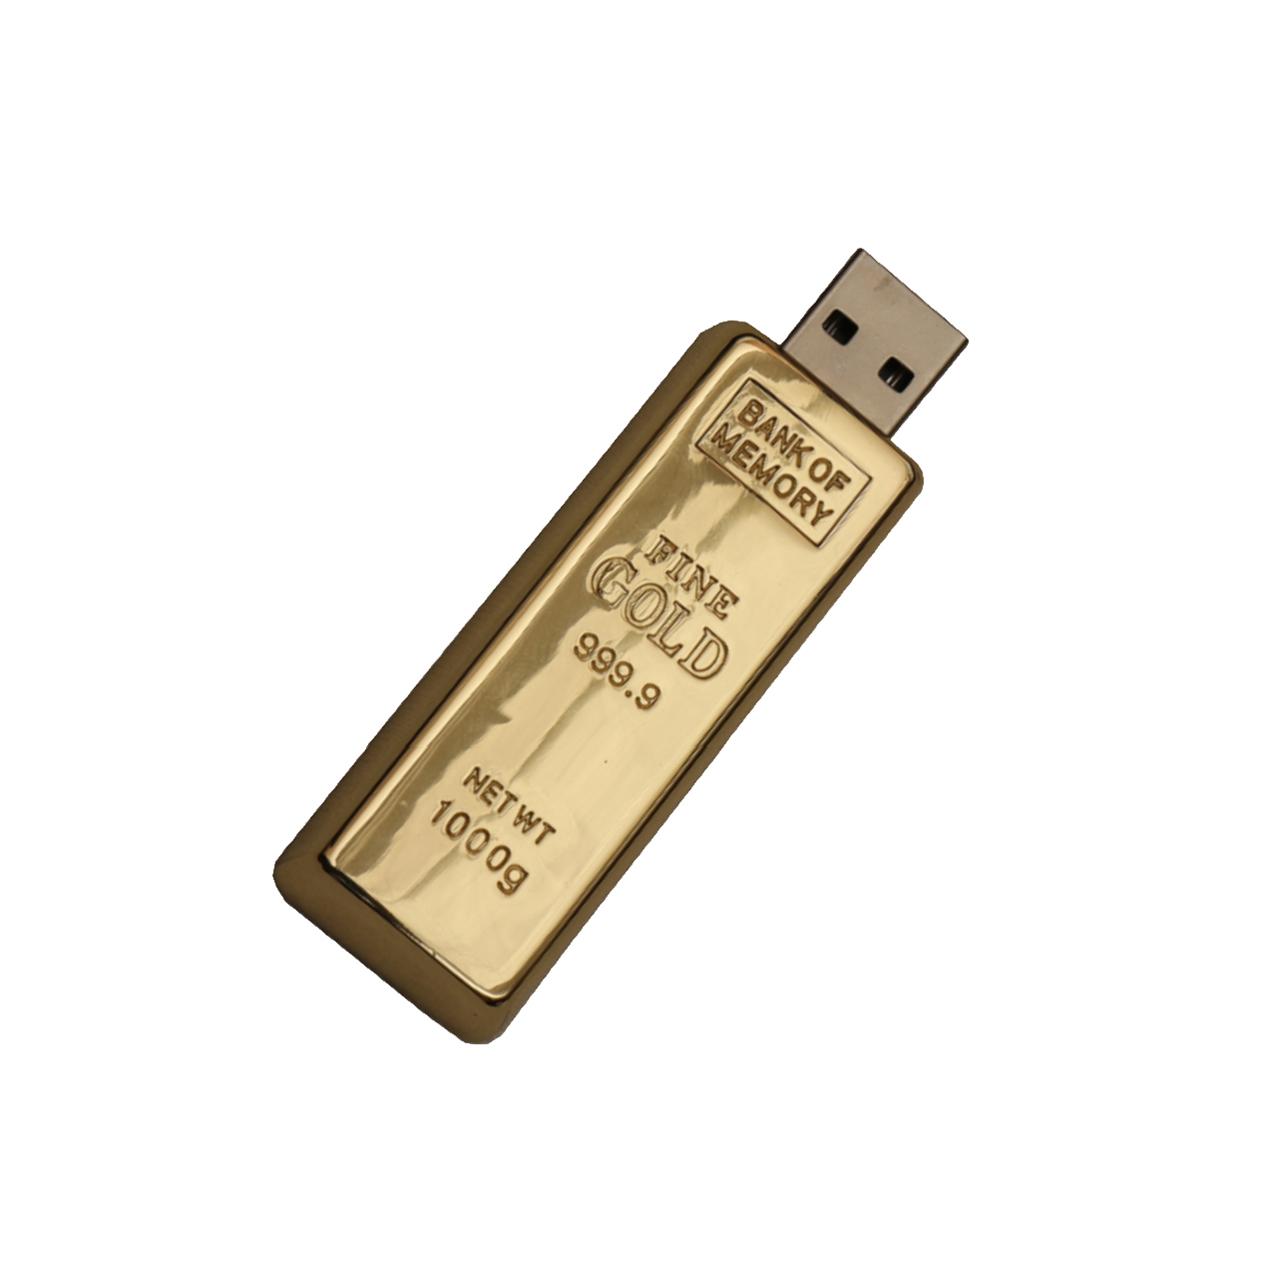 بررسی و {خرید با تخفیف} فلش مموری طرح شمش طلا مدل DME1046-U3 ظرفیت 64 گیگابایت اصل